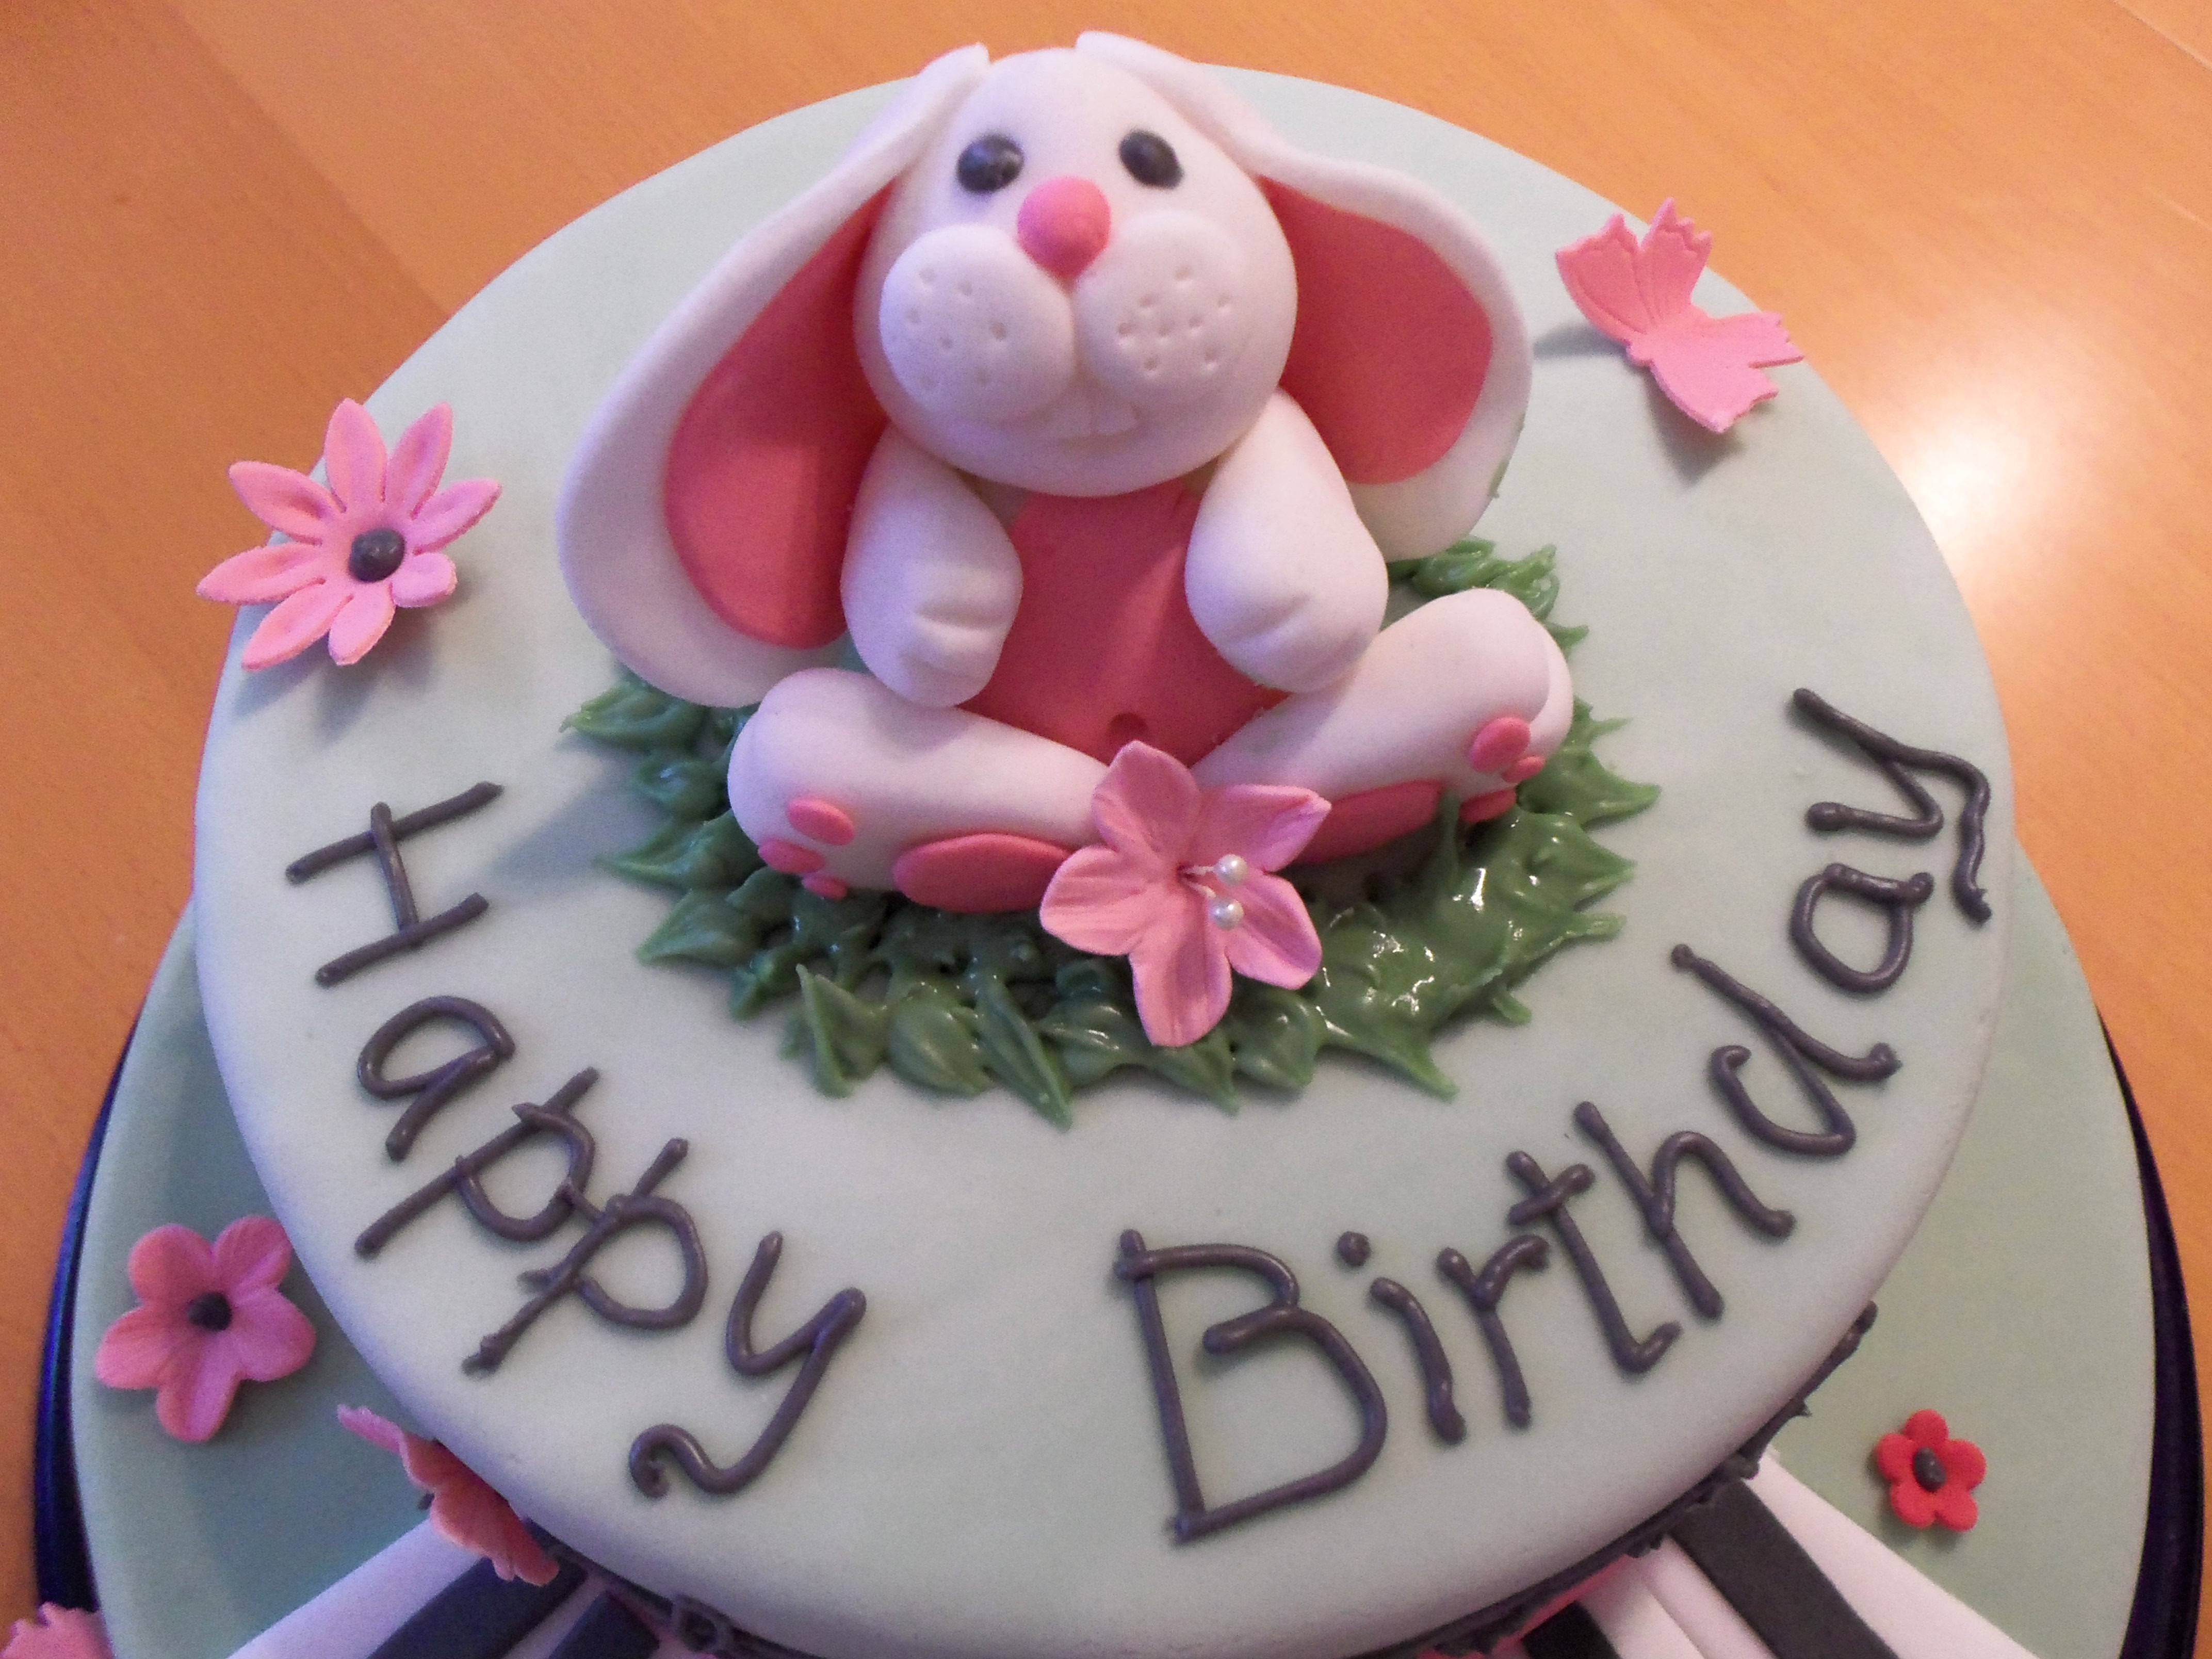 Geburtstagstorte  Geburtstag Kinder Geburtstagstorte für eine Nachbarin